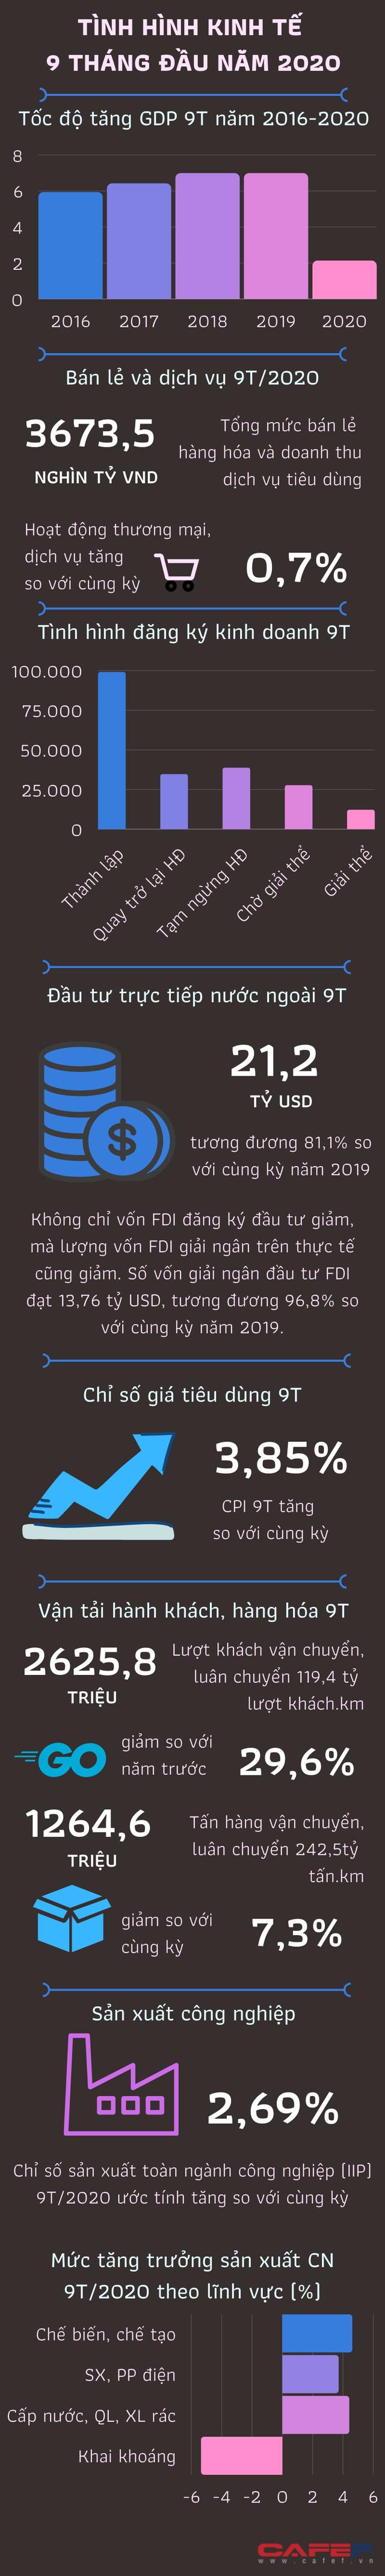 [Infographic] Tình hình kinh tế 9 tháng đầu năm qua những con số - Ảnh 1.